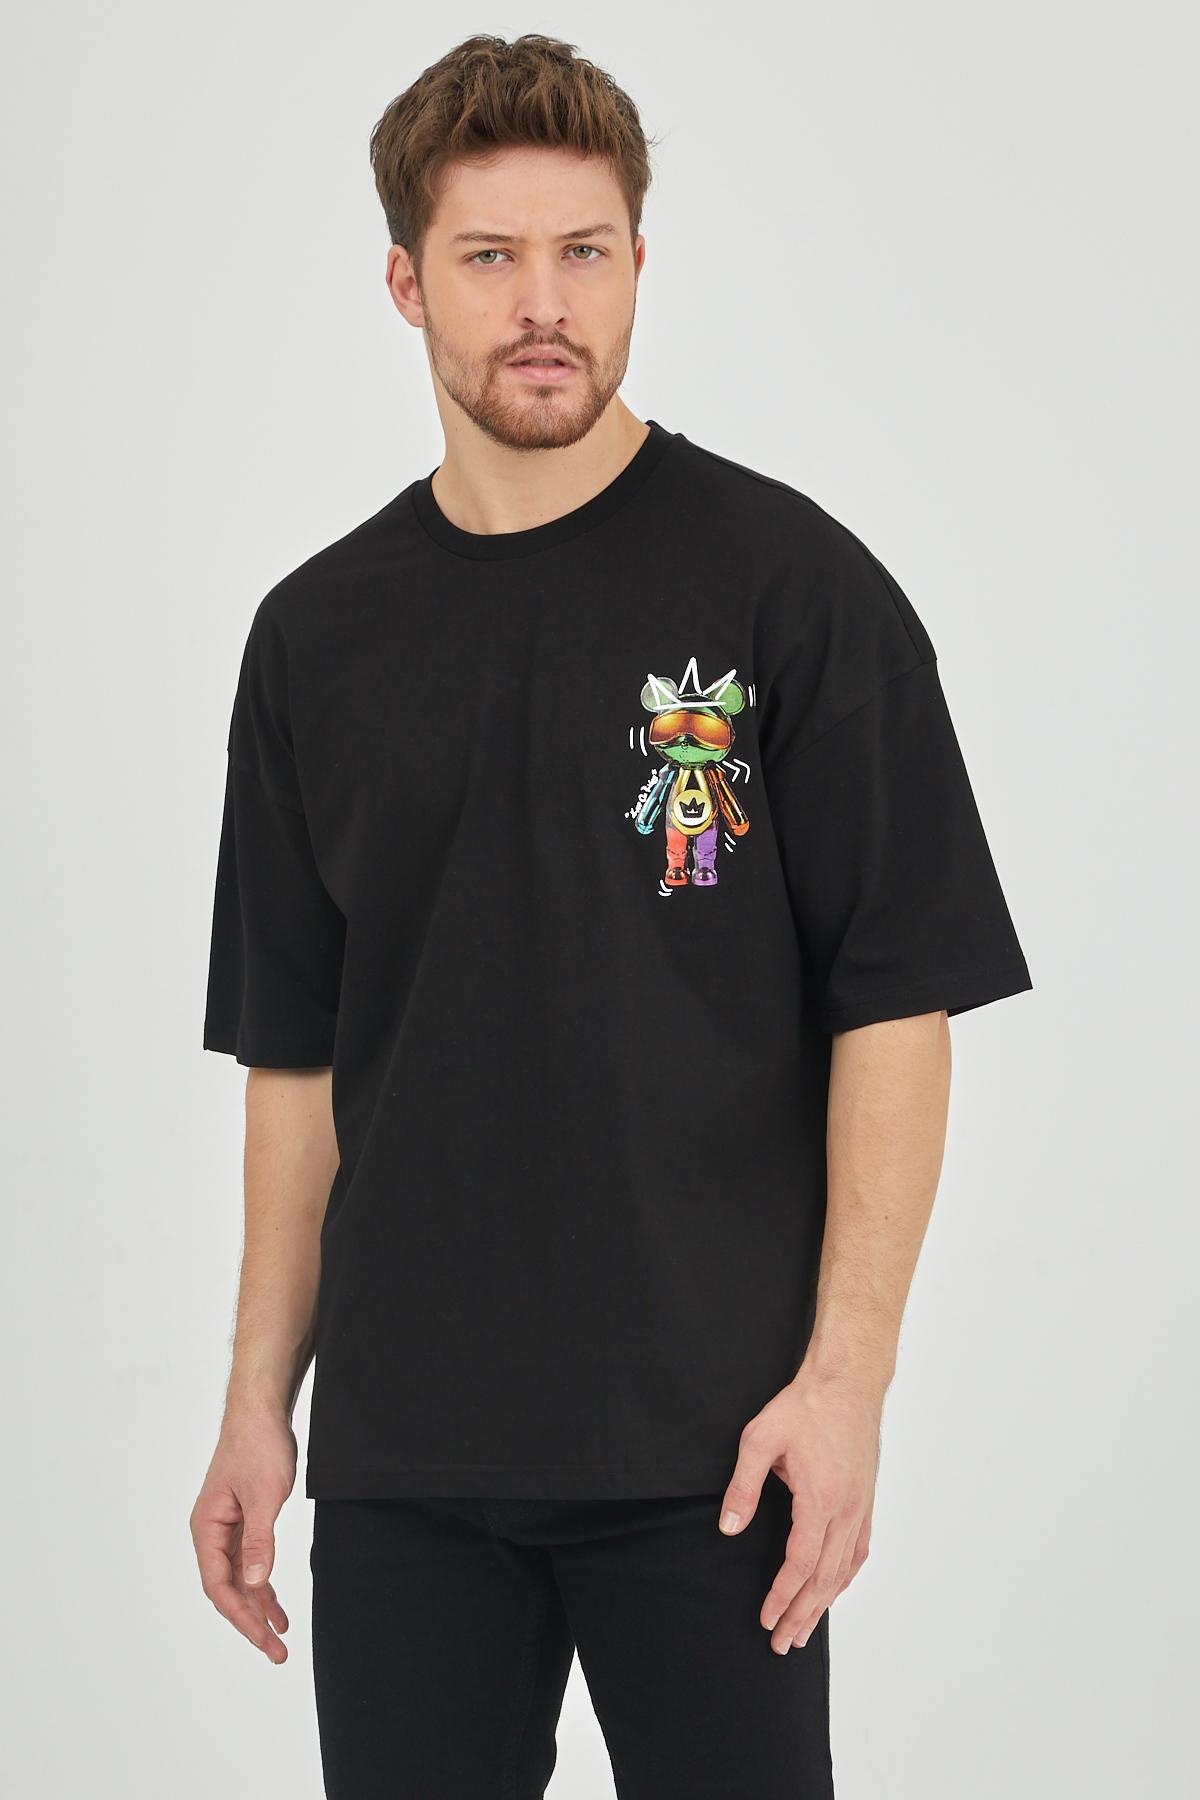 XHAN - Siyah Önür & Arkası Baskılı Oversize T-Shirt 1KXE1-44624-02